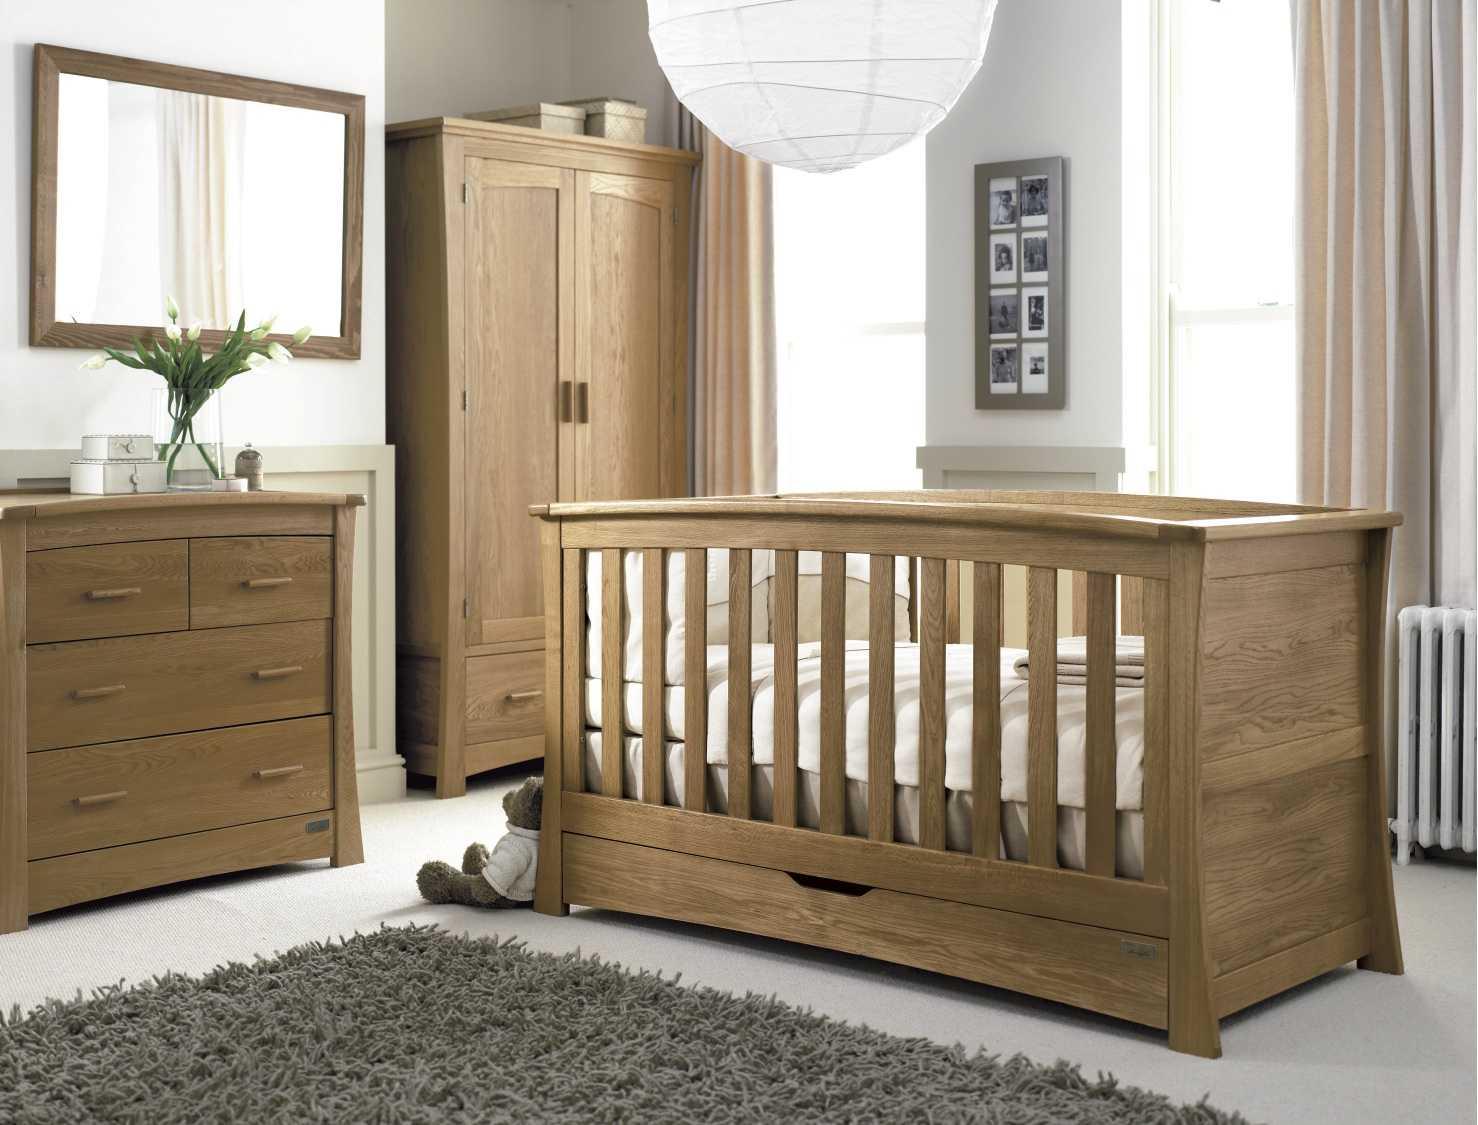 Chambre bébé bois massif - Idées de tricot gratuit